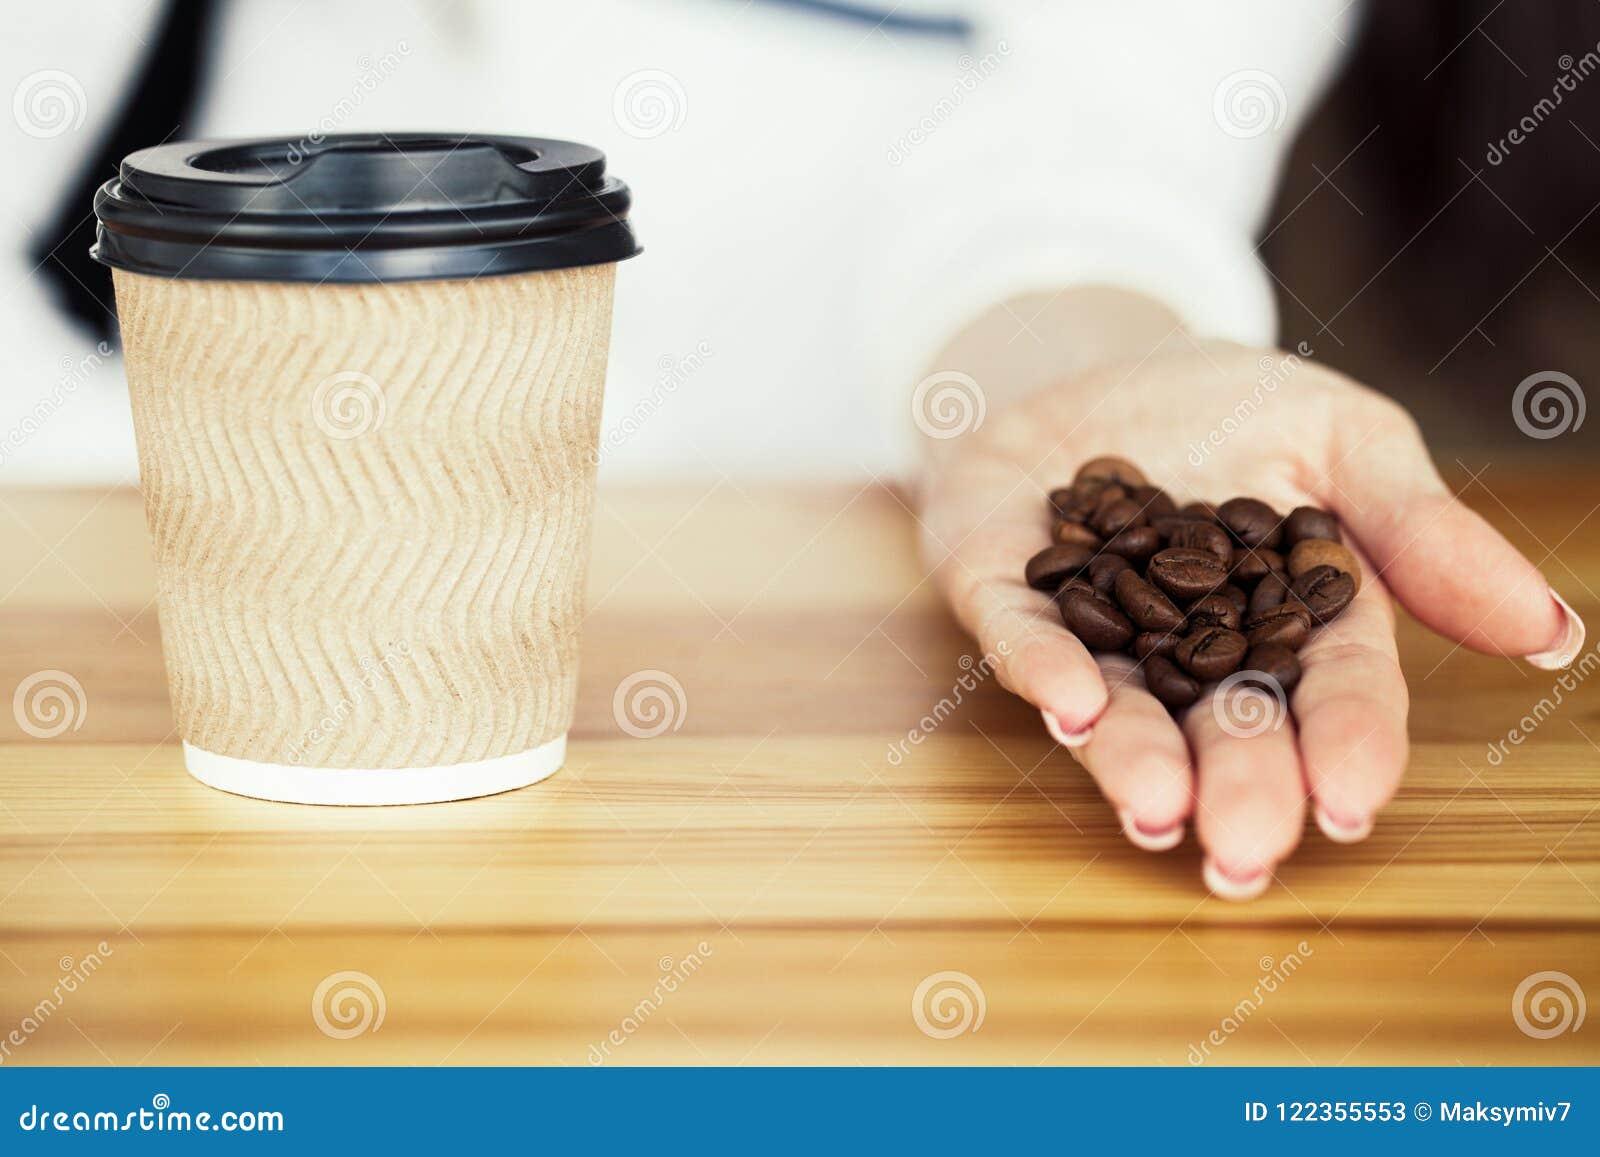 Guten Morgen Tasse Kaffee, zum auf Woodem-Hintergrund zu gehen